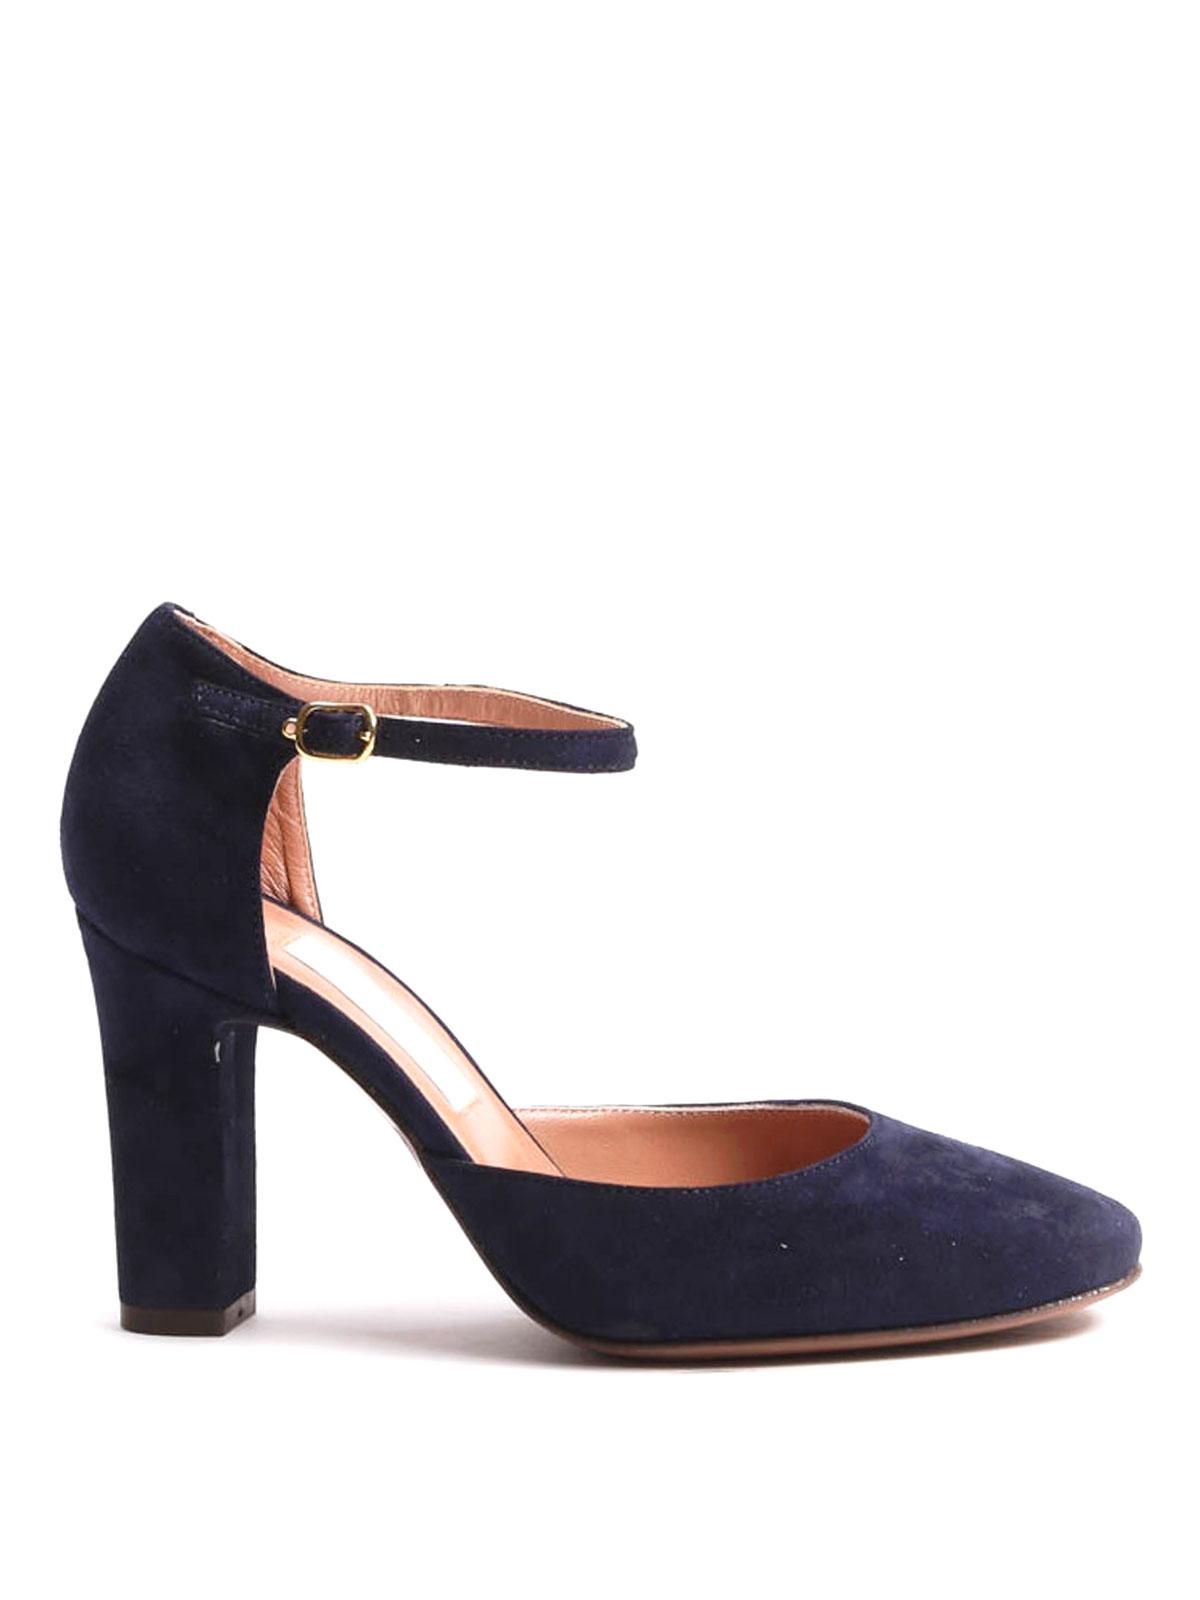 l 39 autre chose mary jane suede pumps court shoes. Black Bedroom Furniture Sets. Home Design Ideas